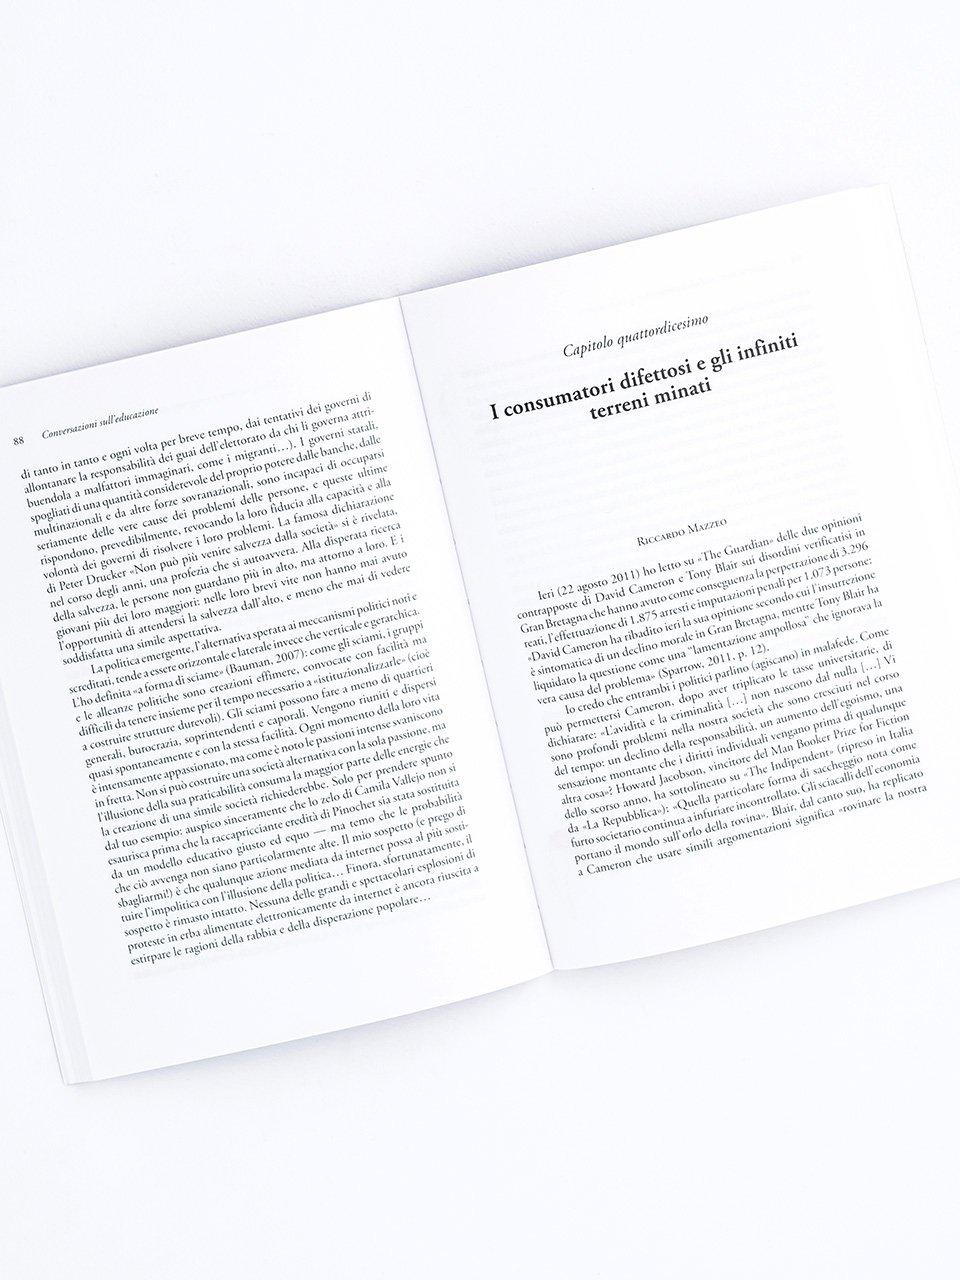 Conversazioni sull'educazione - Libri - Erickson 2